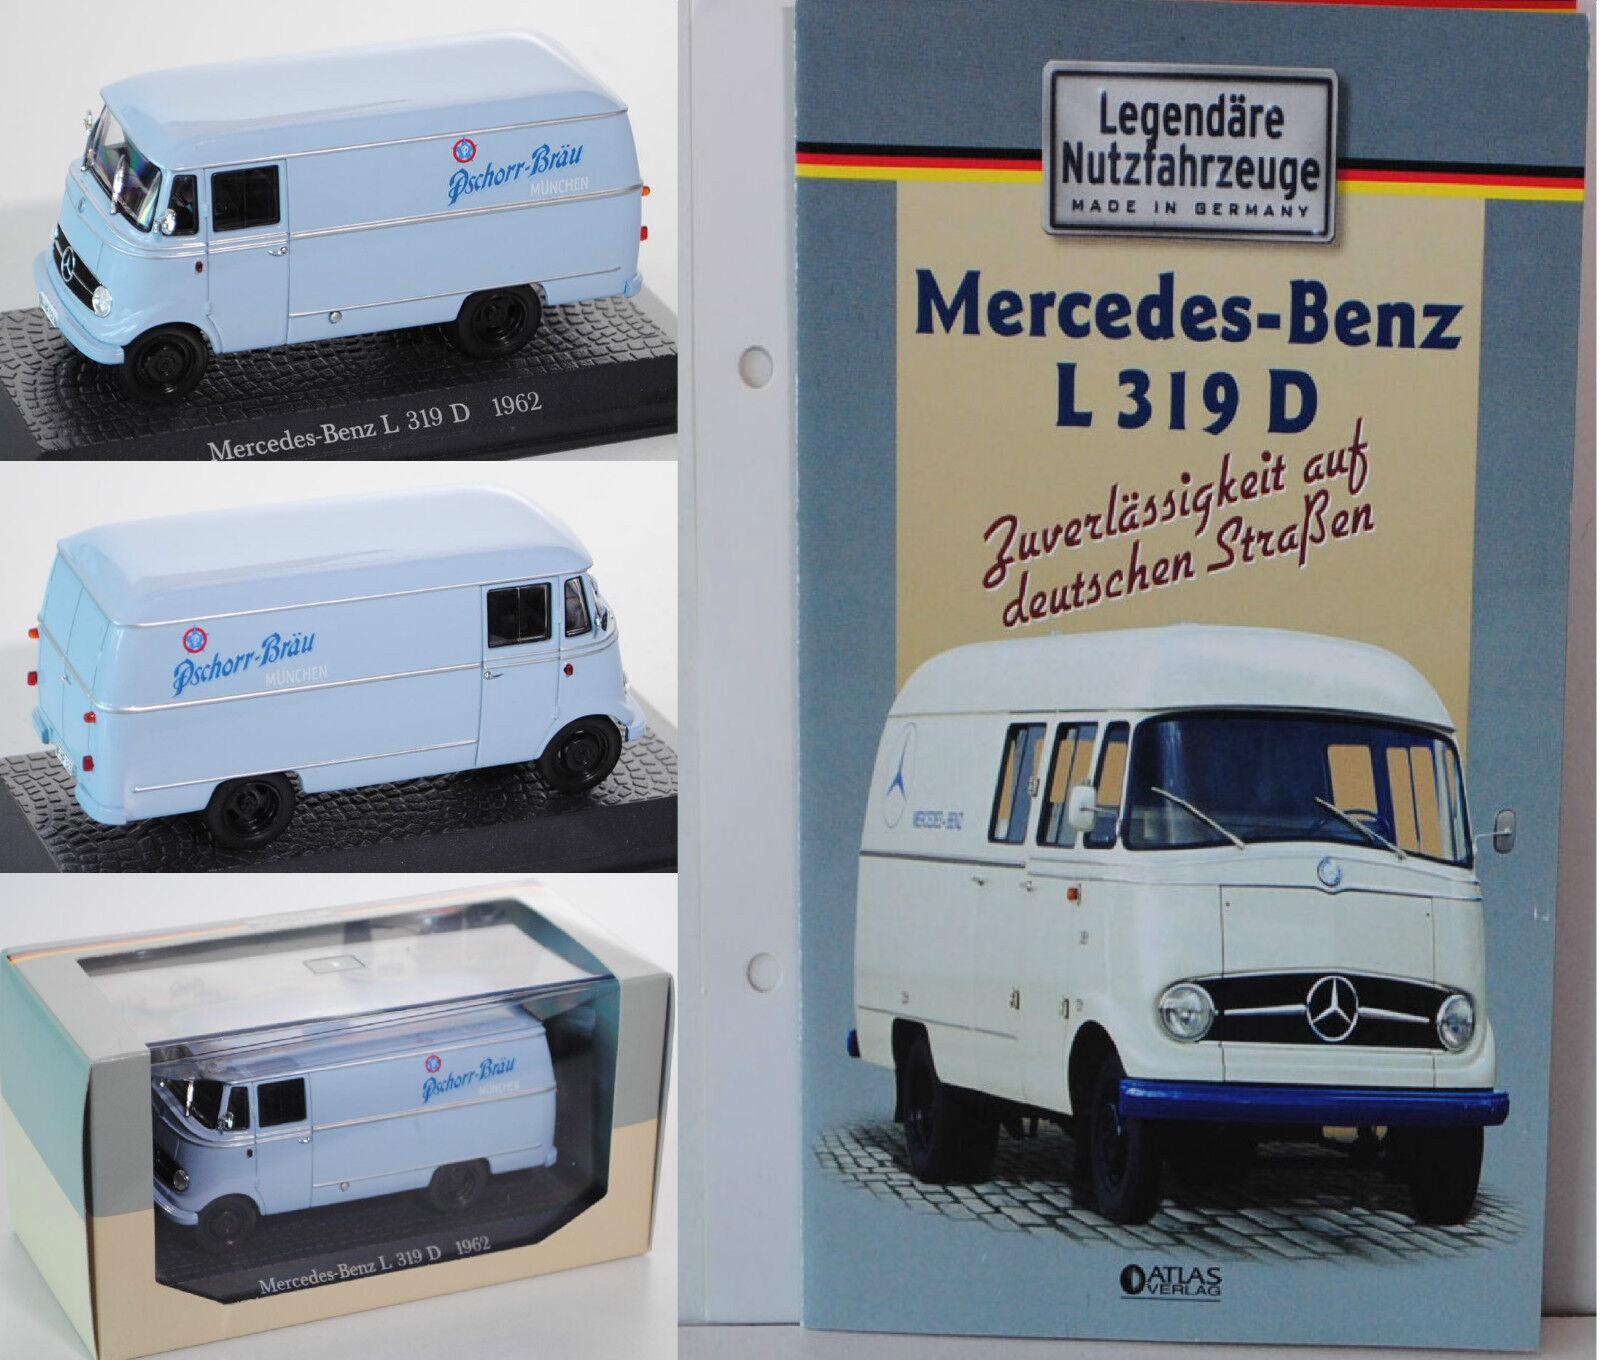 Atlas 7421105 Mercedes-Benz L 319 D box wagon, Pschorr-Bräu Munich 1 43 OVP